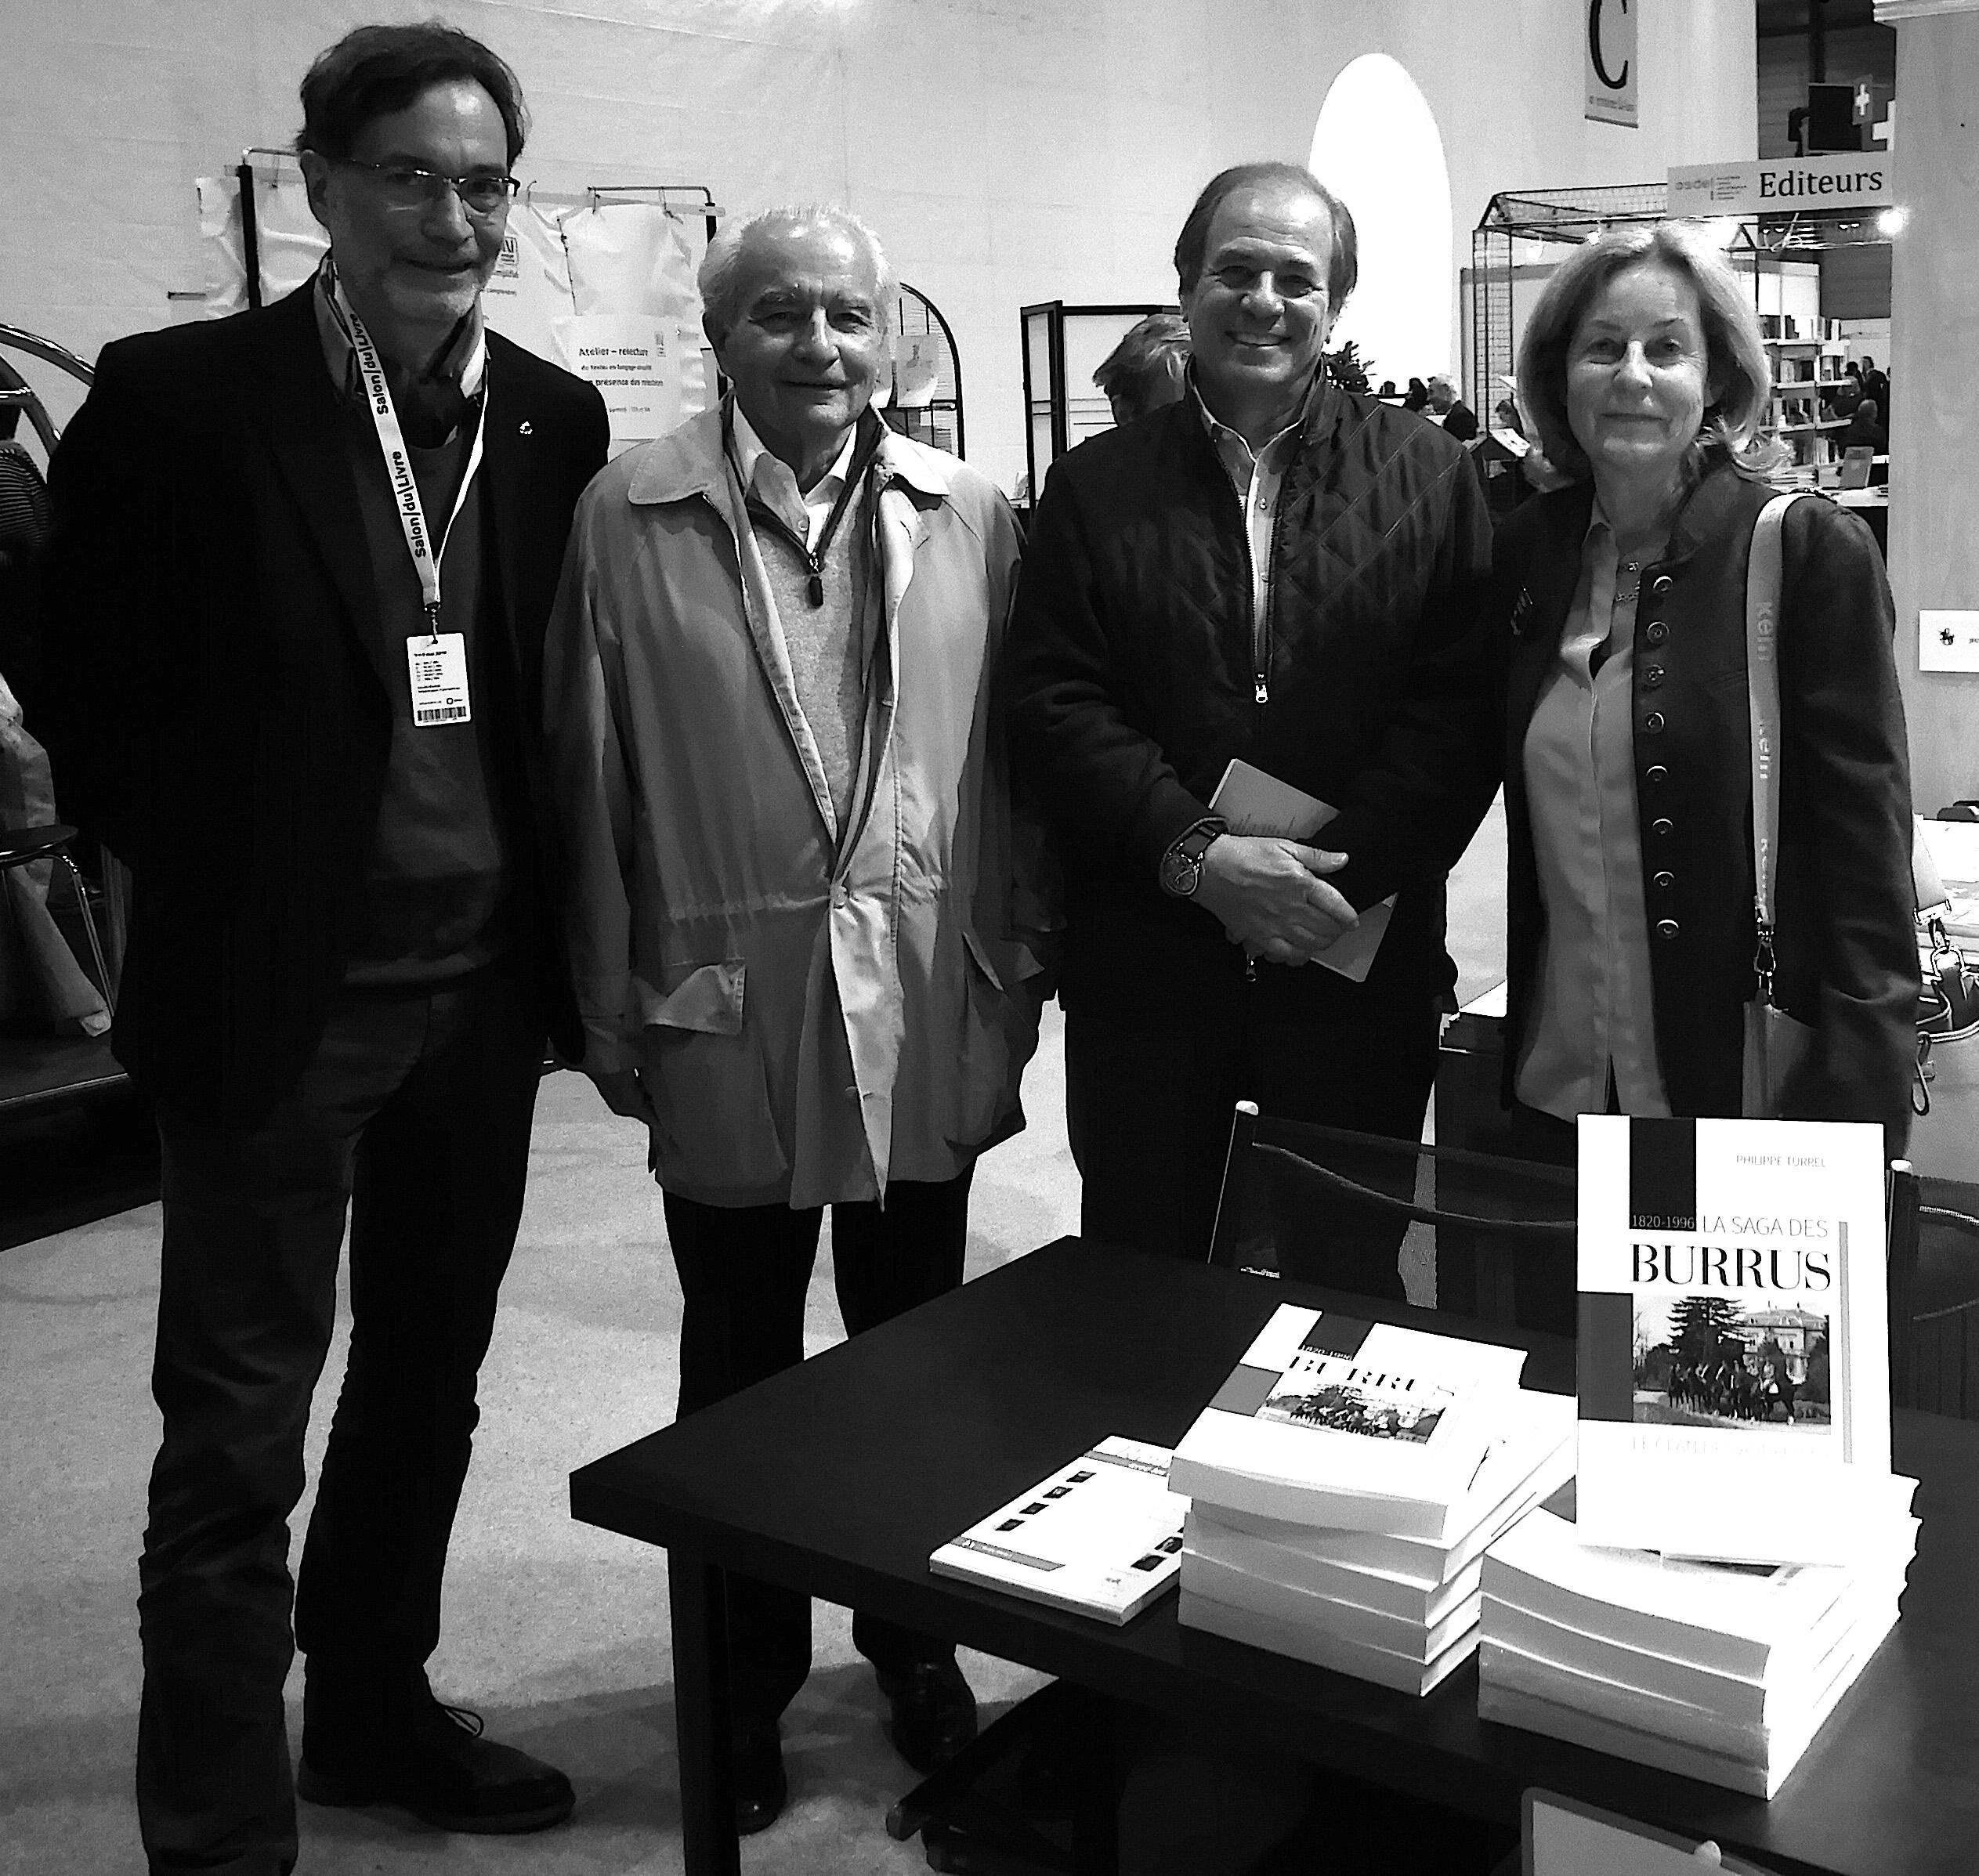 Dédicace salon de Genève avec les commanditaires du livre, Yves et Ghislain Burrus, Solange Demole